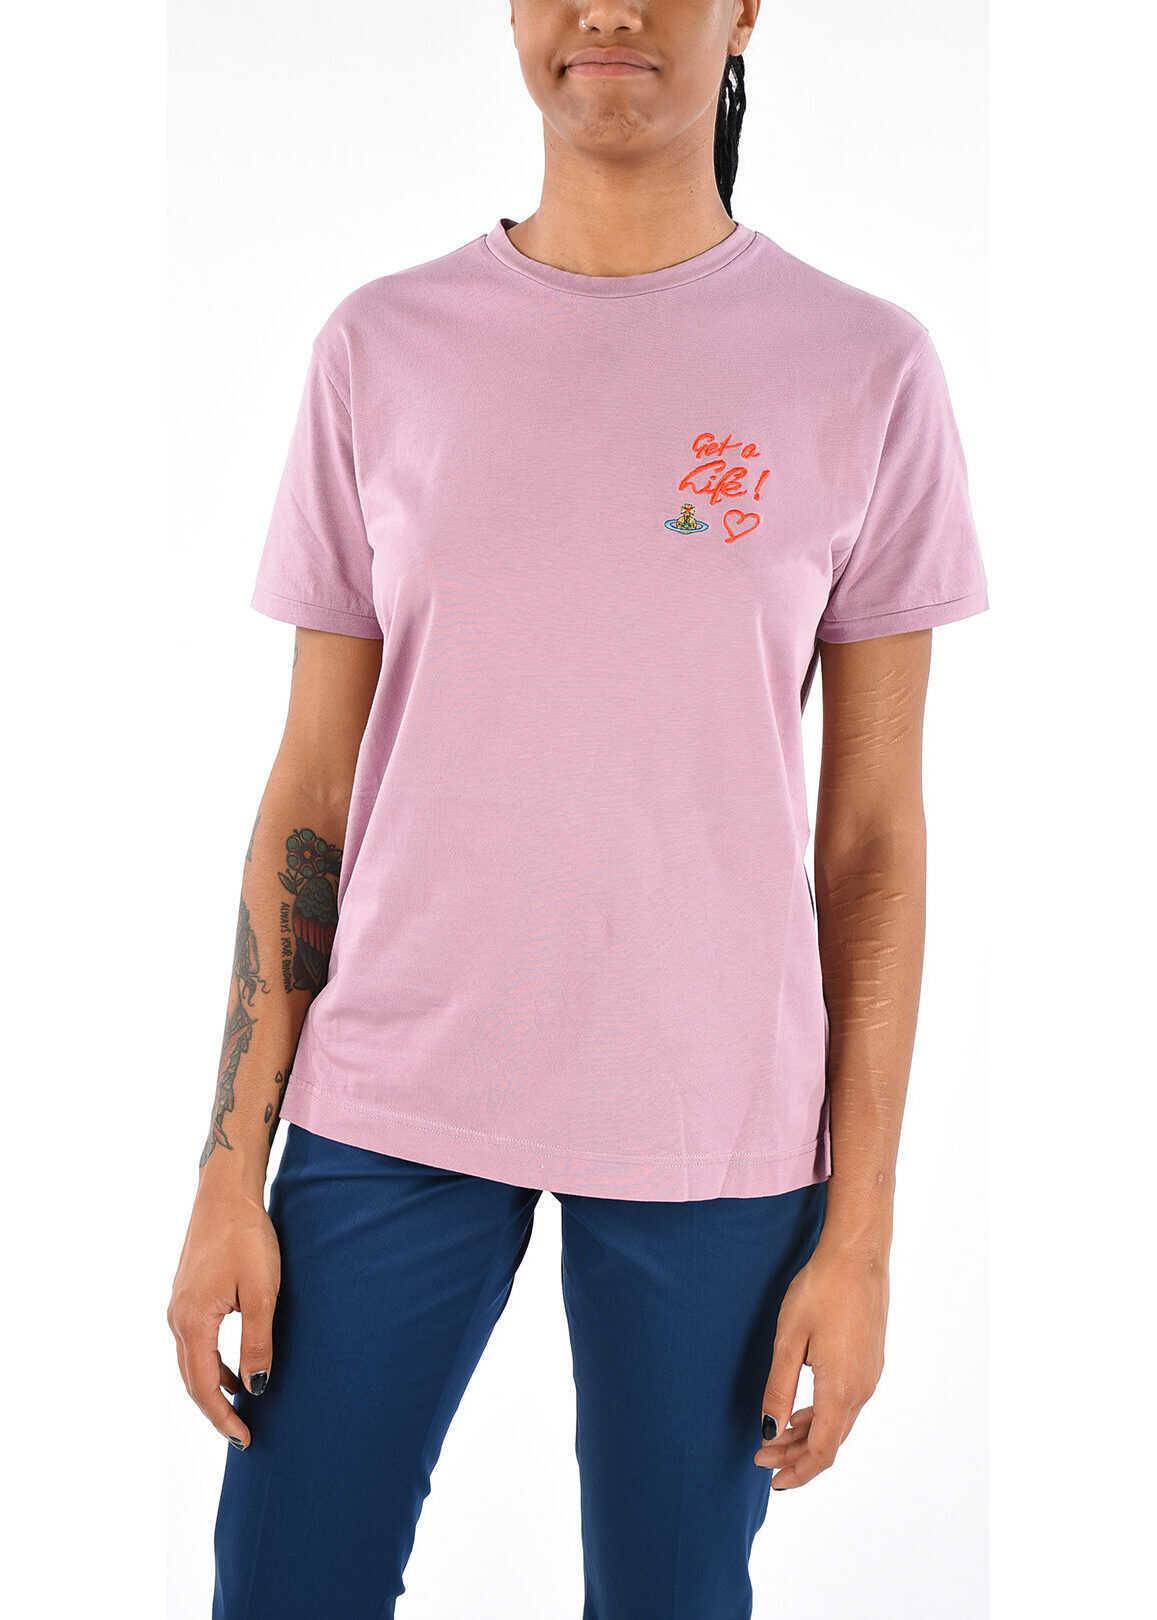 Vivienne Westwood Bio Cotton Embroidered T-shirt PINK